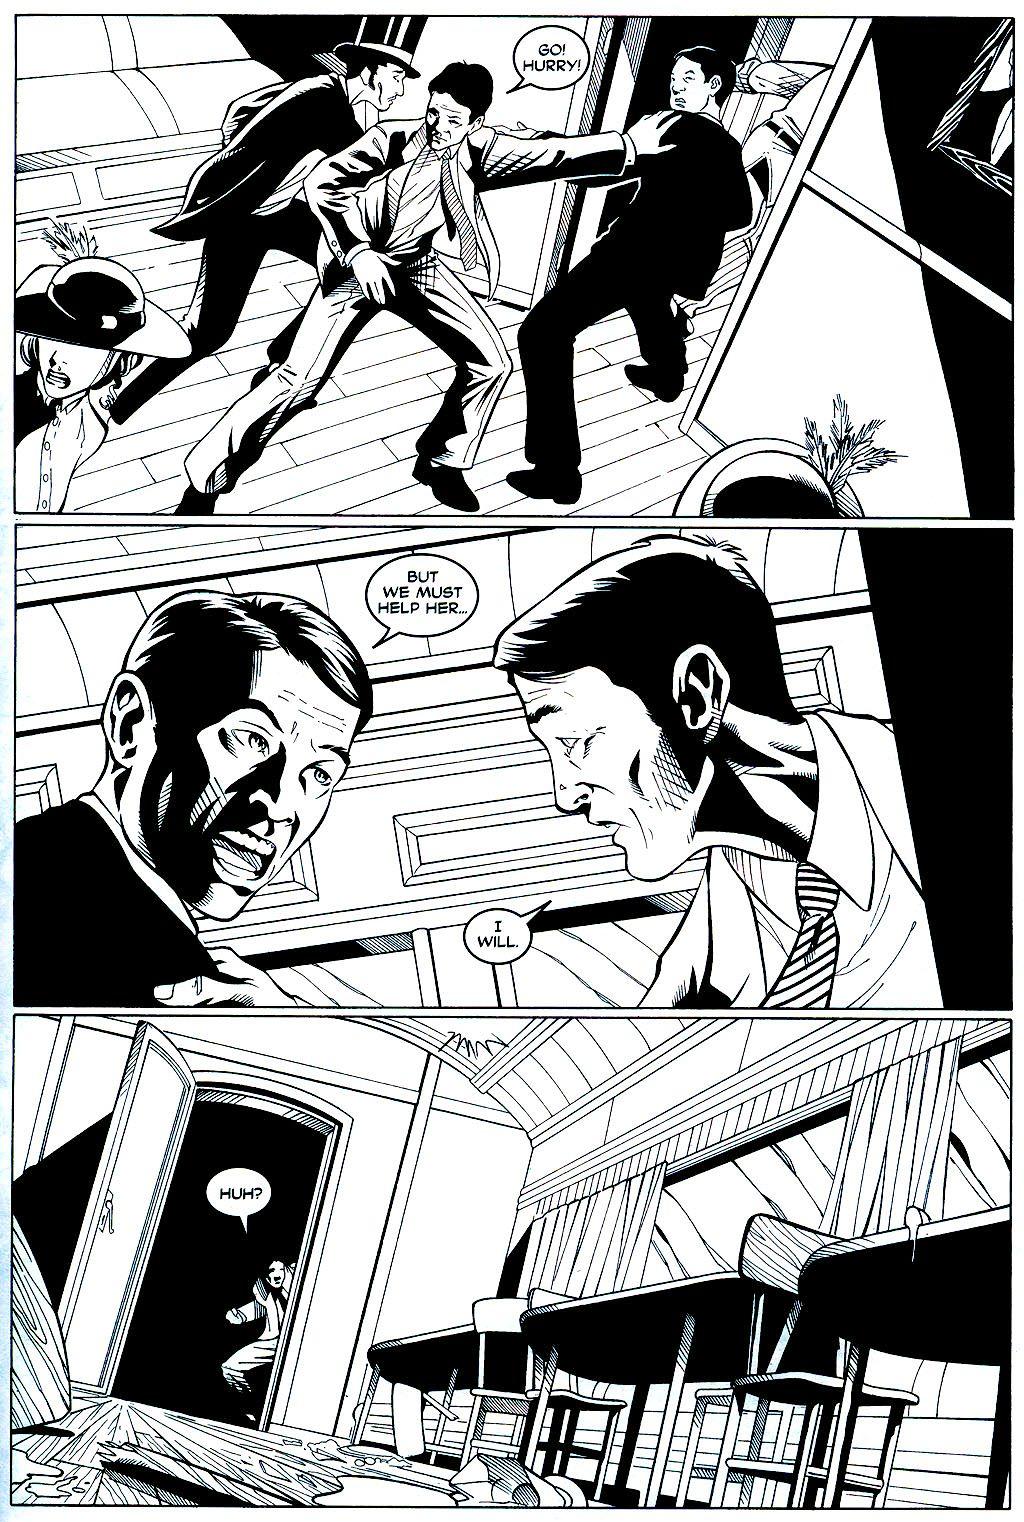 Read online Shi: Sempo comic -  Issue #2 - 7